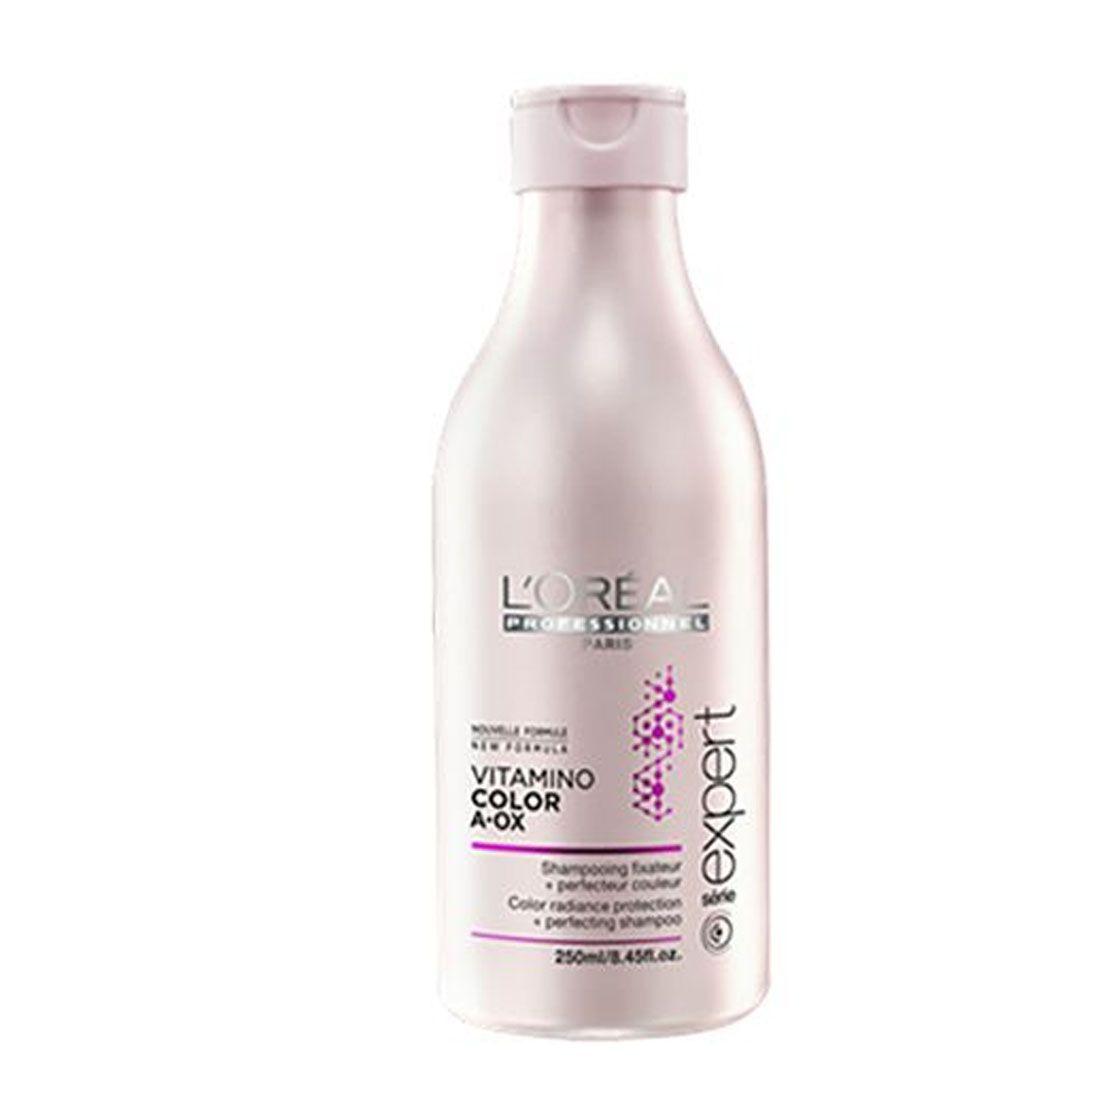 Shampoo Loréal Vitamino Color